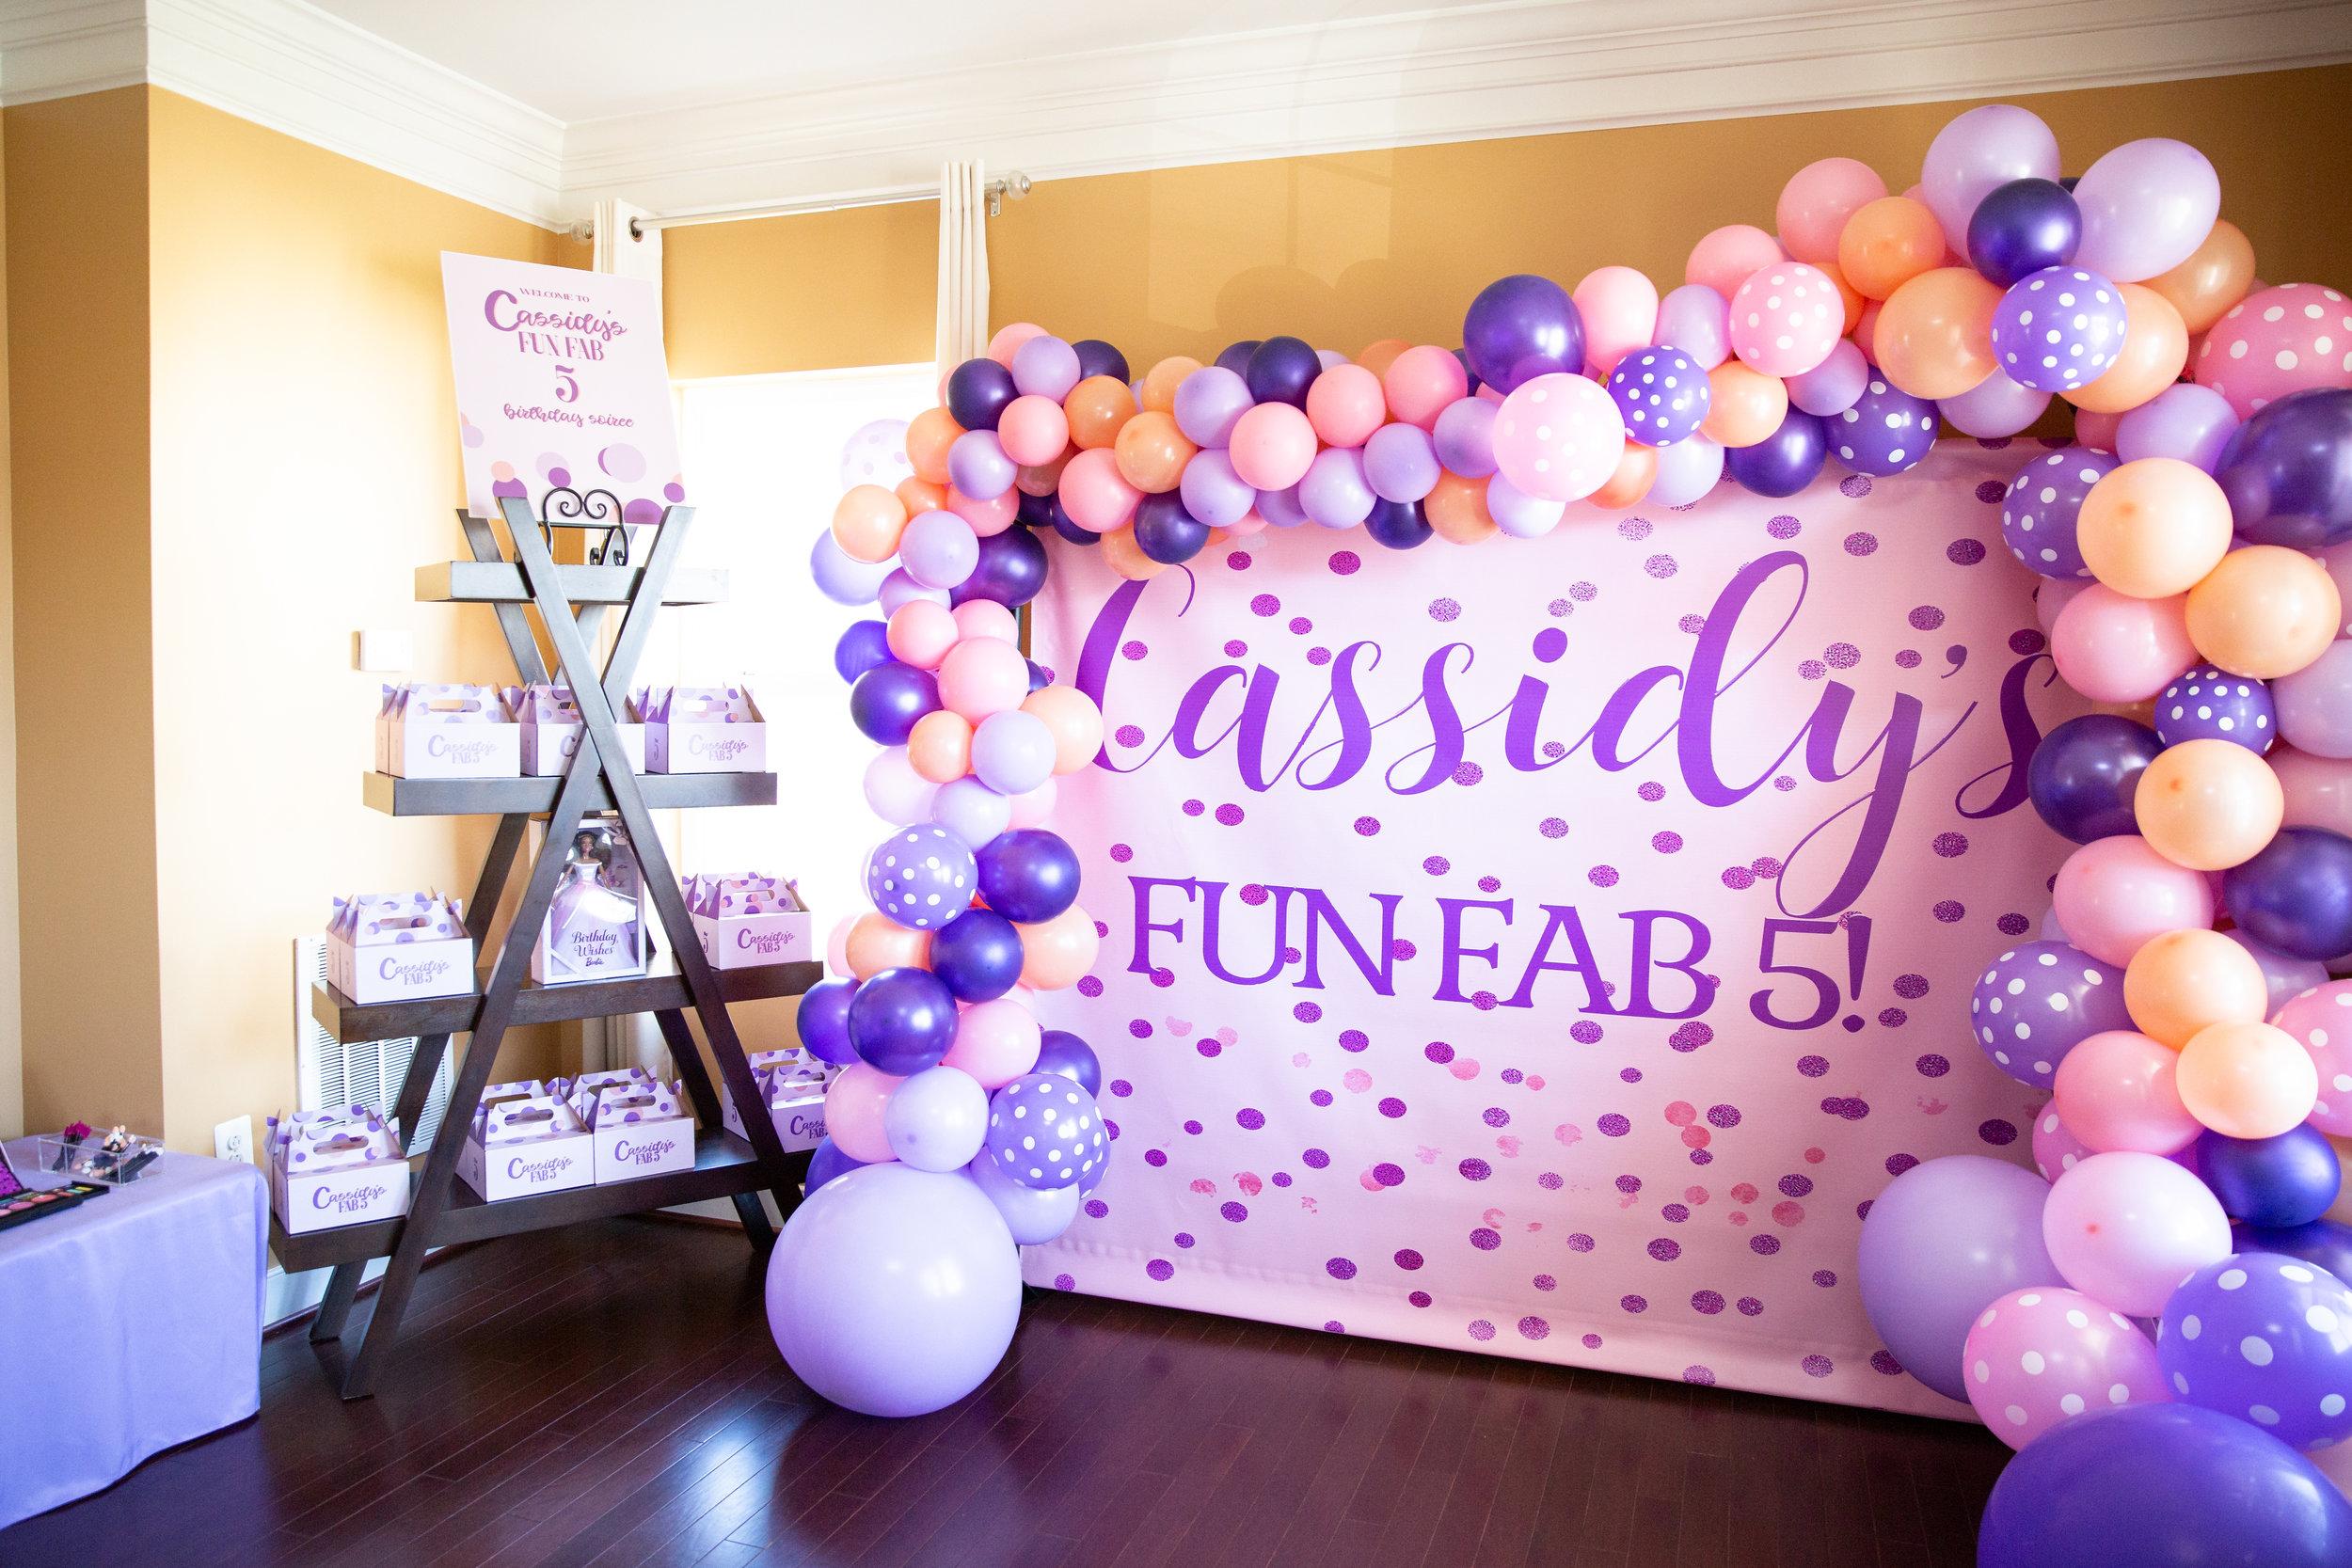 20190316 Cassidy 5th Birthday_3.jpg